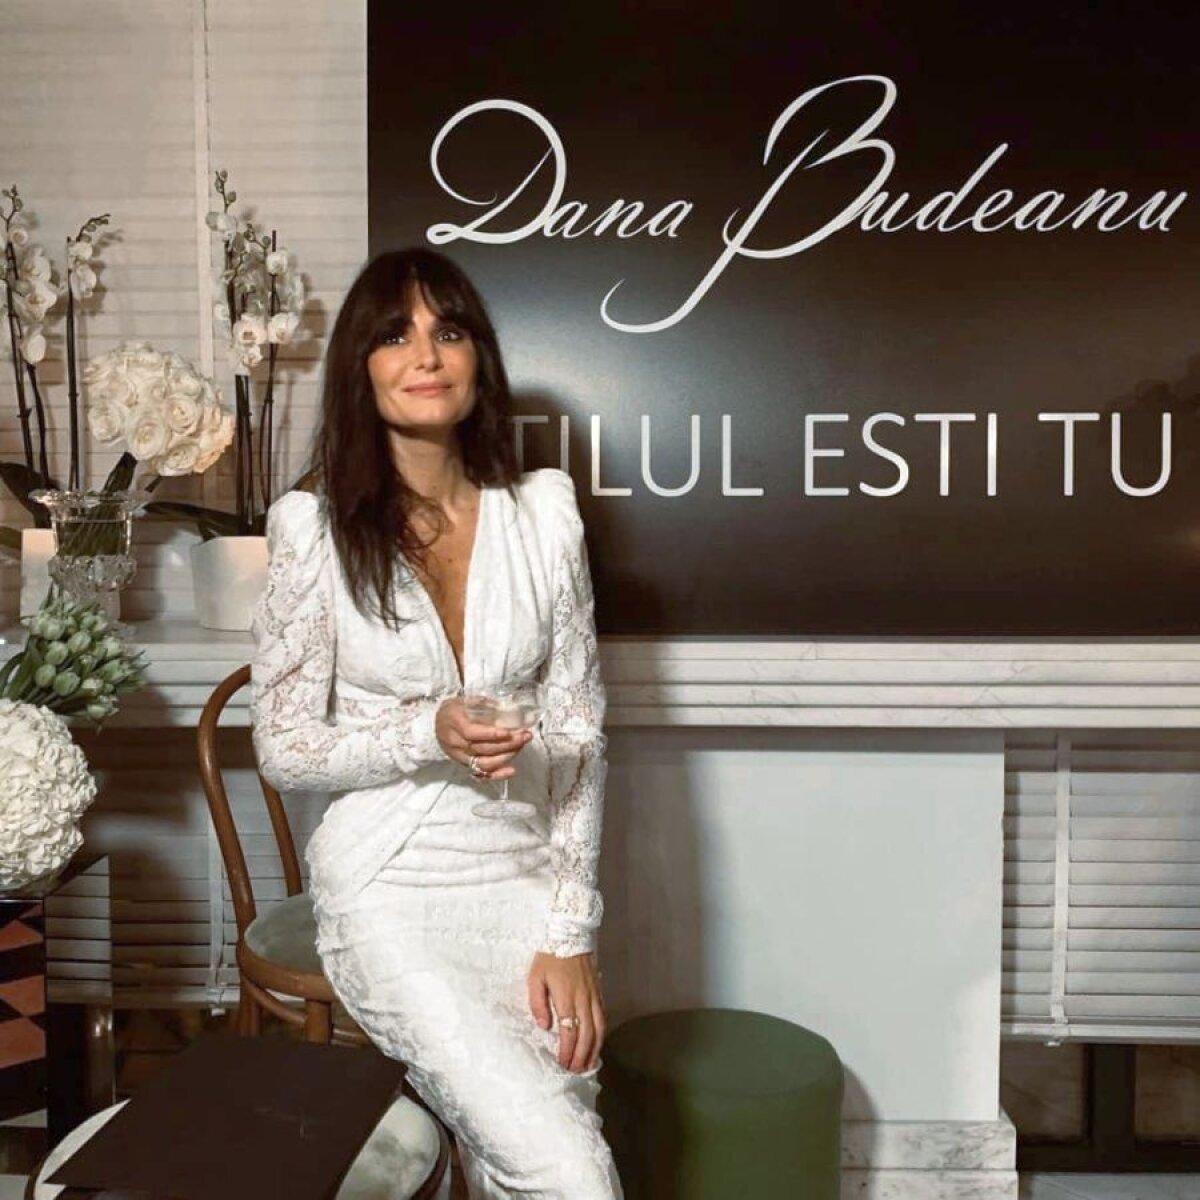 Dana Budeanu a fost concediată de ProTV și refuză să-și prezinte scuze după mesajul distribuit și de contul Gabrielei Firea